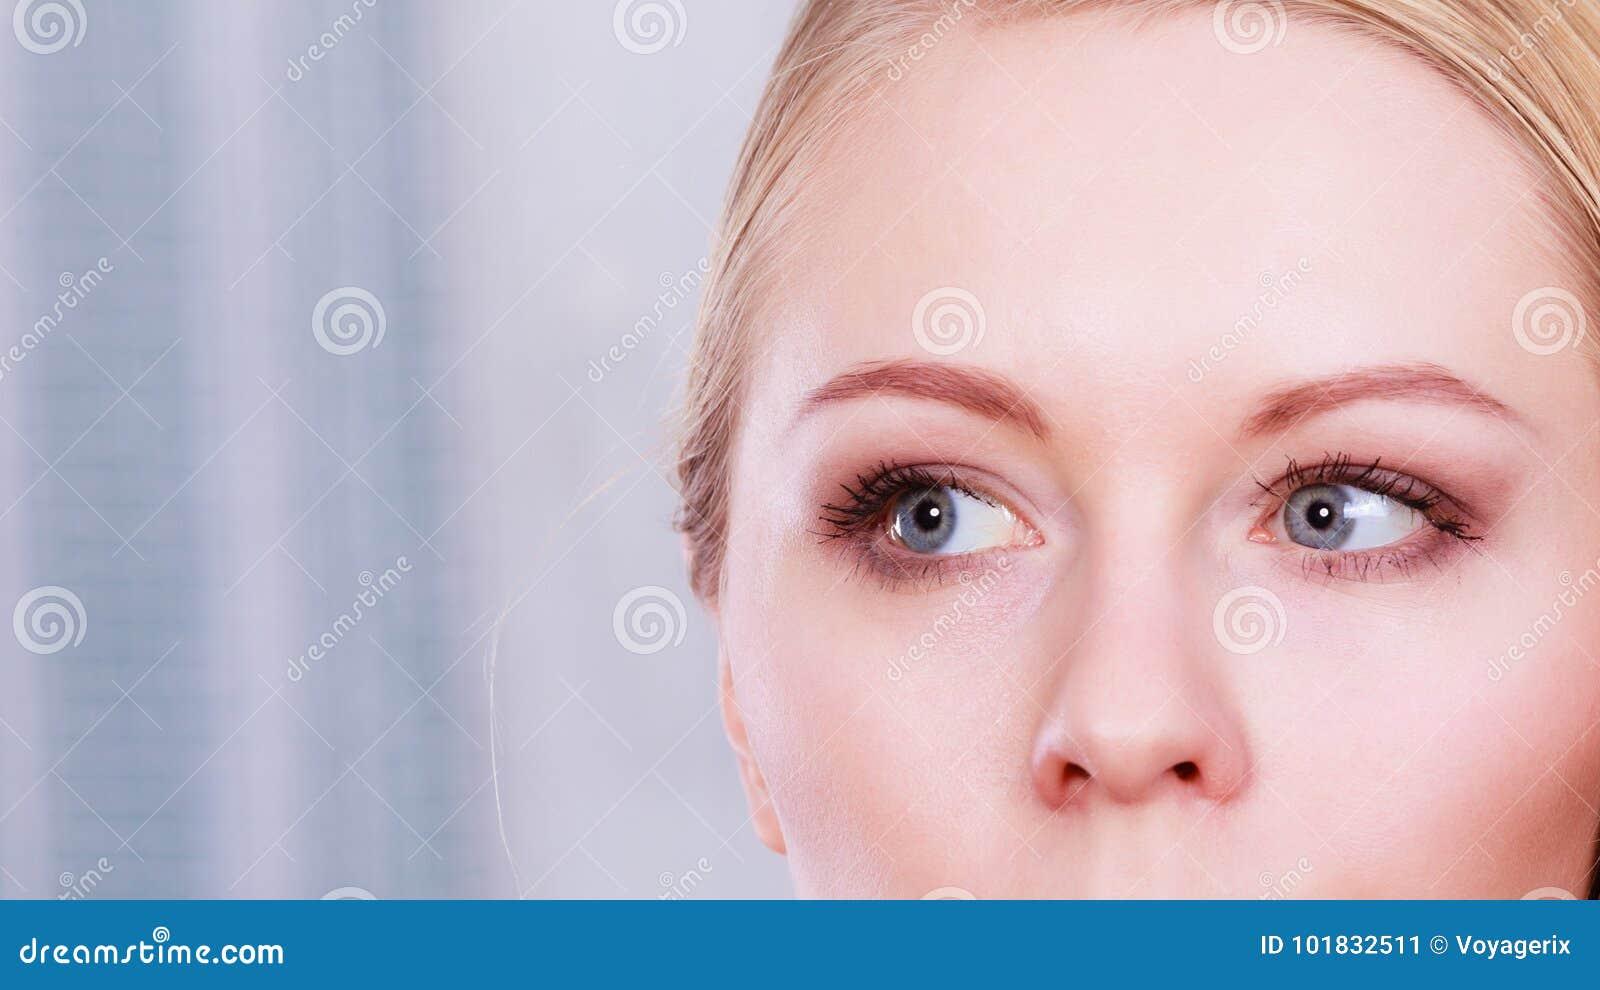 ec5e5f294 Grises Imagen De Mujer Rubia Con Azules Retrato Ojos La Los wOX8nk0PN